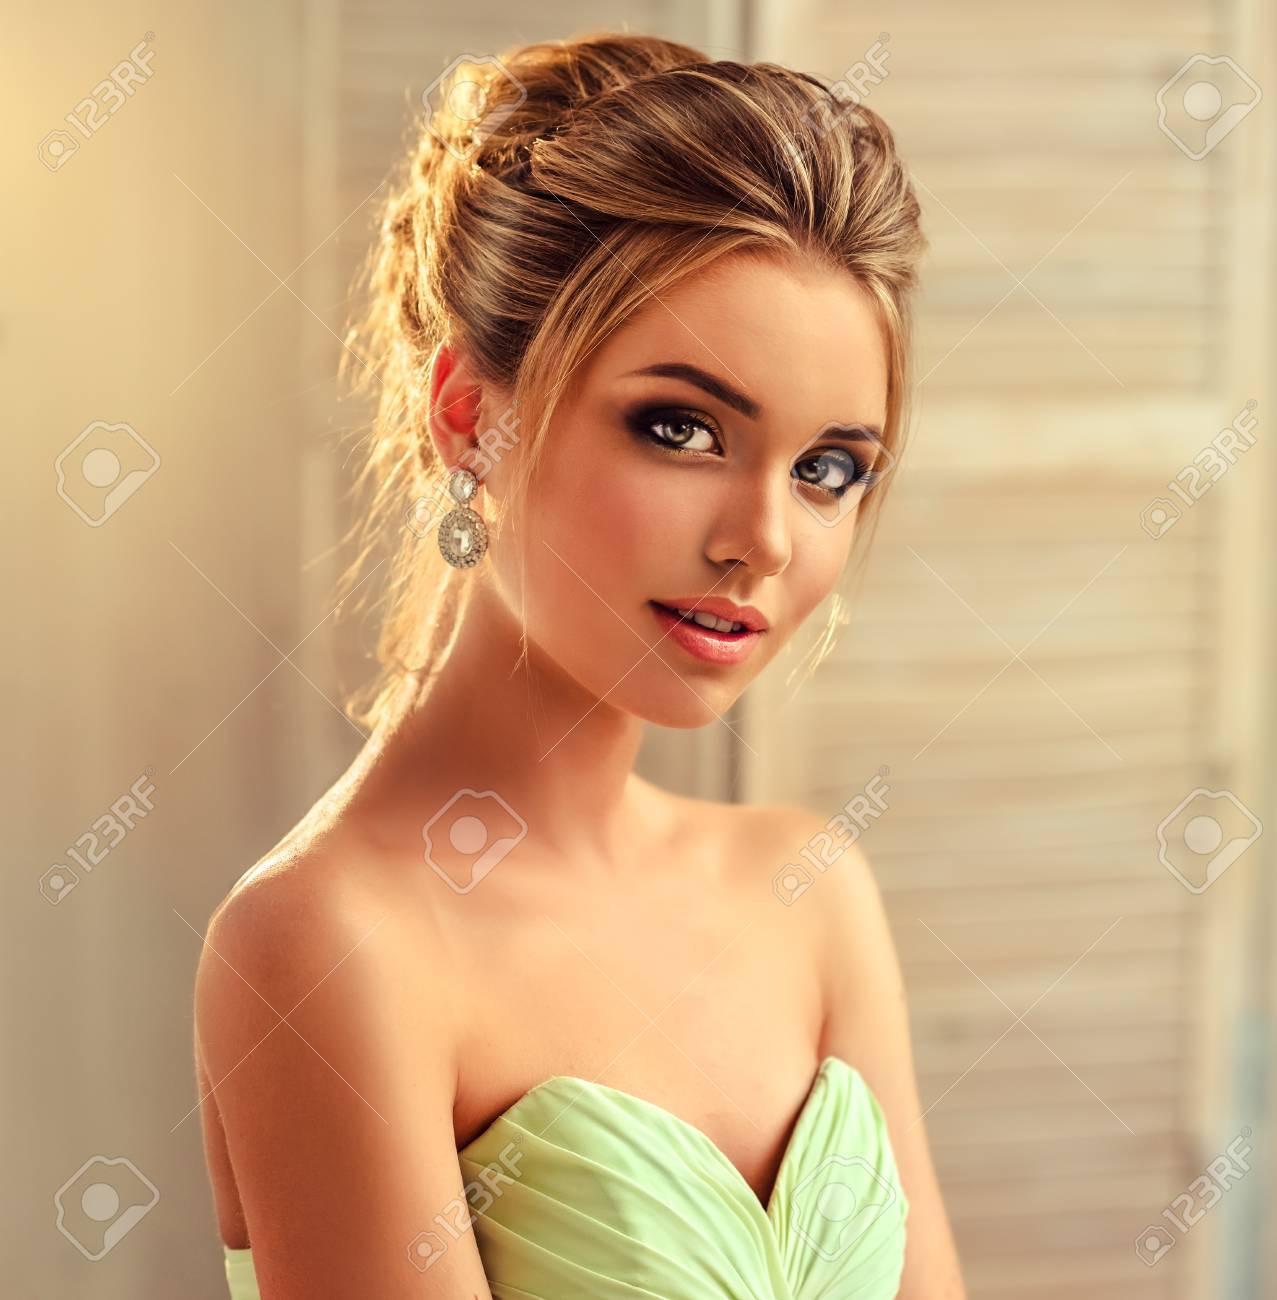 20 Wunderbar Frisuren Abendkleid Galerie15 Perfekt Frisuren Abendkleid Design